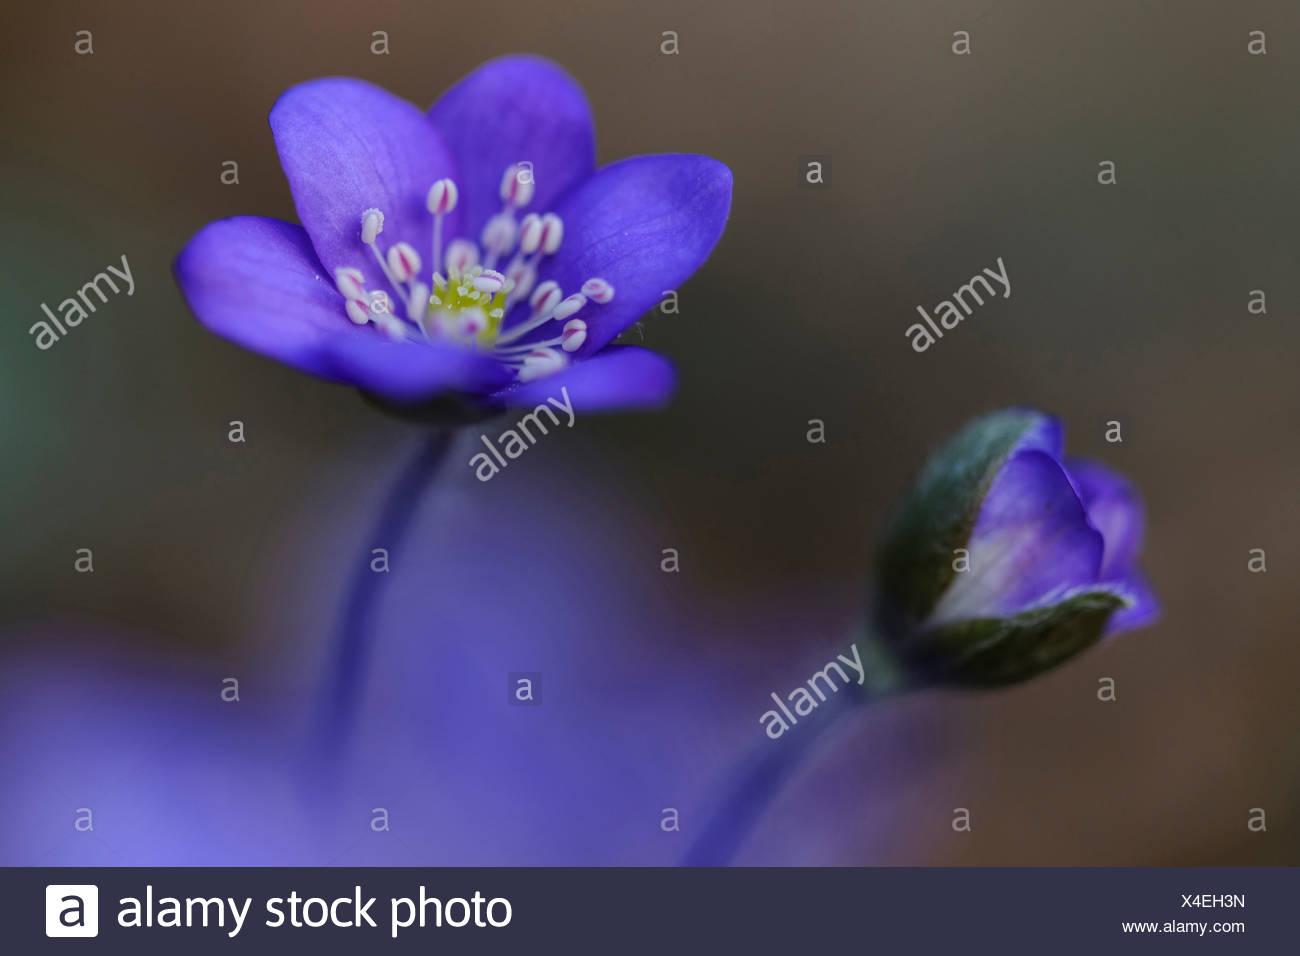 L'hépatique (anemone hepatica), Allemagne Photo Stock